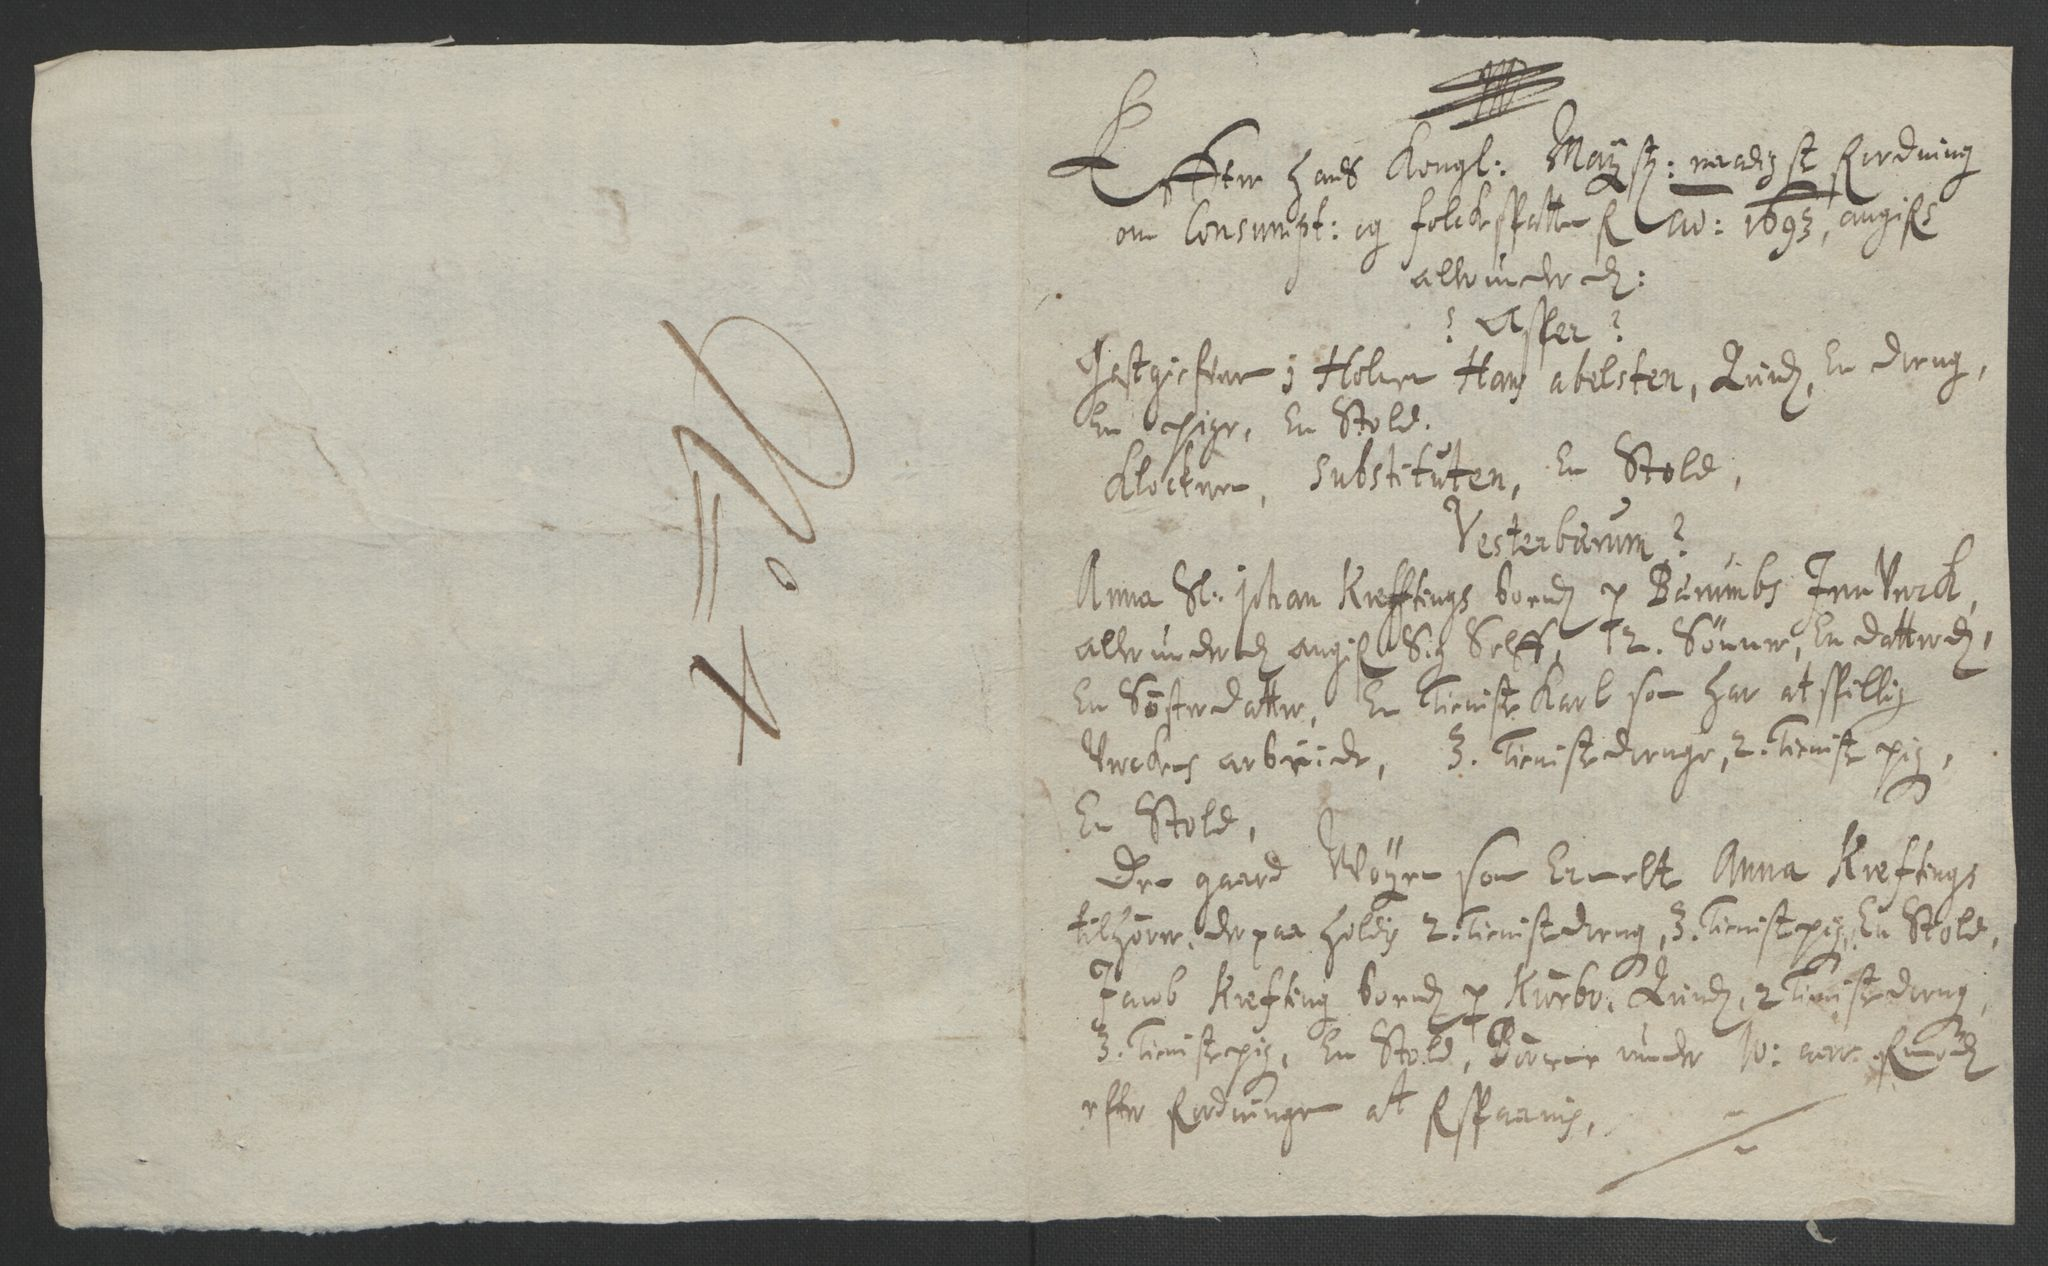 RA, Rentekammeret inntil 1814, Reviderte regnskaper, Fogderegnskap, R08/L0426: Fogderegnskap Aker, 1692-1693, s. 377